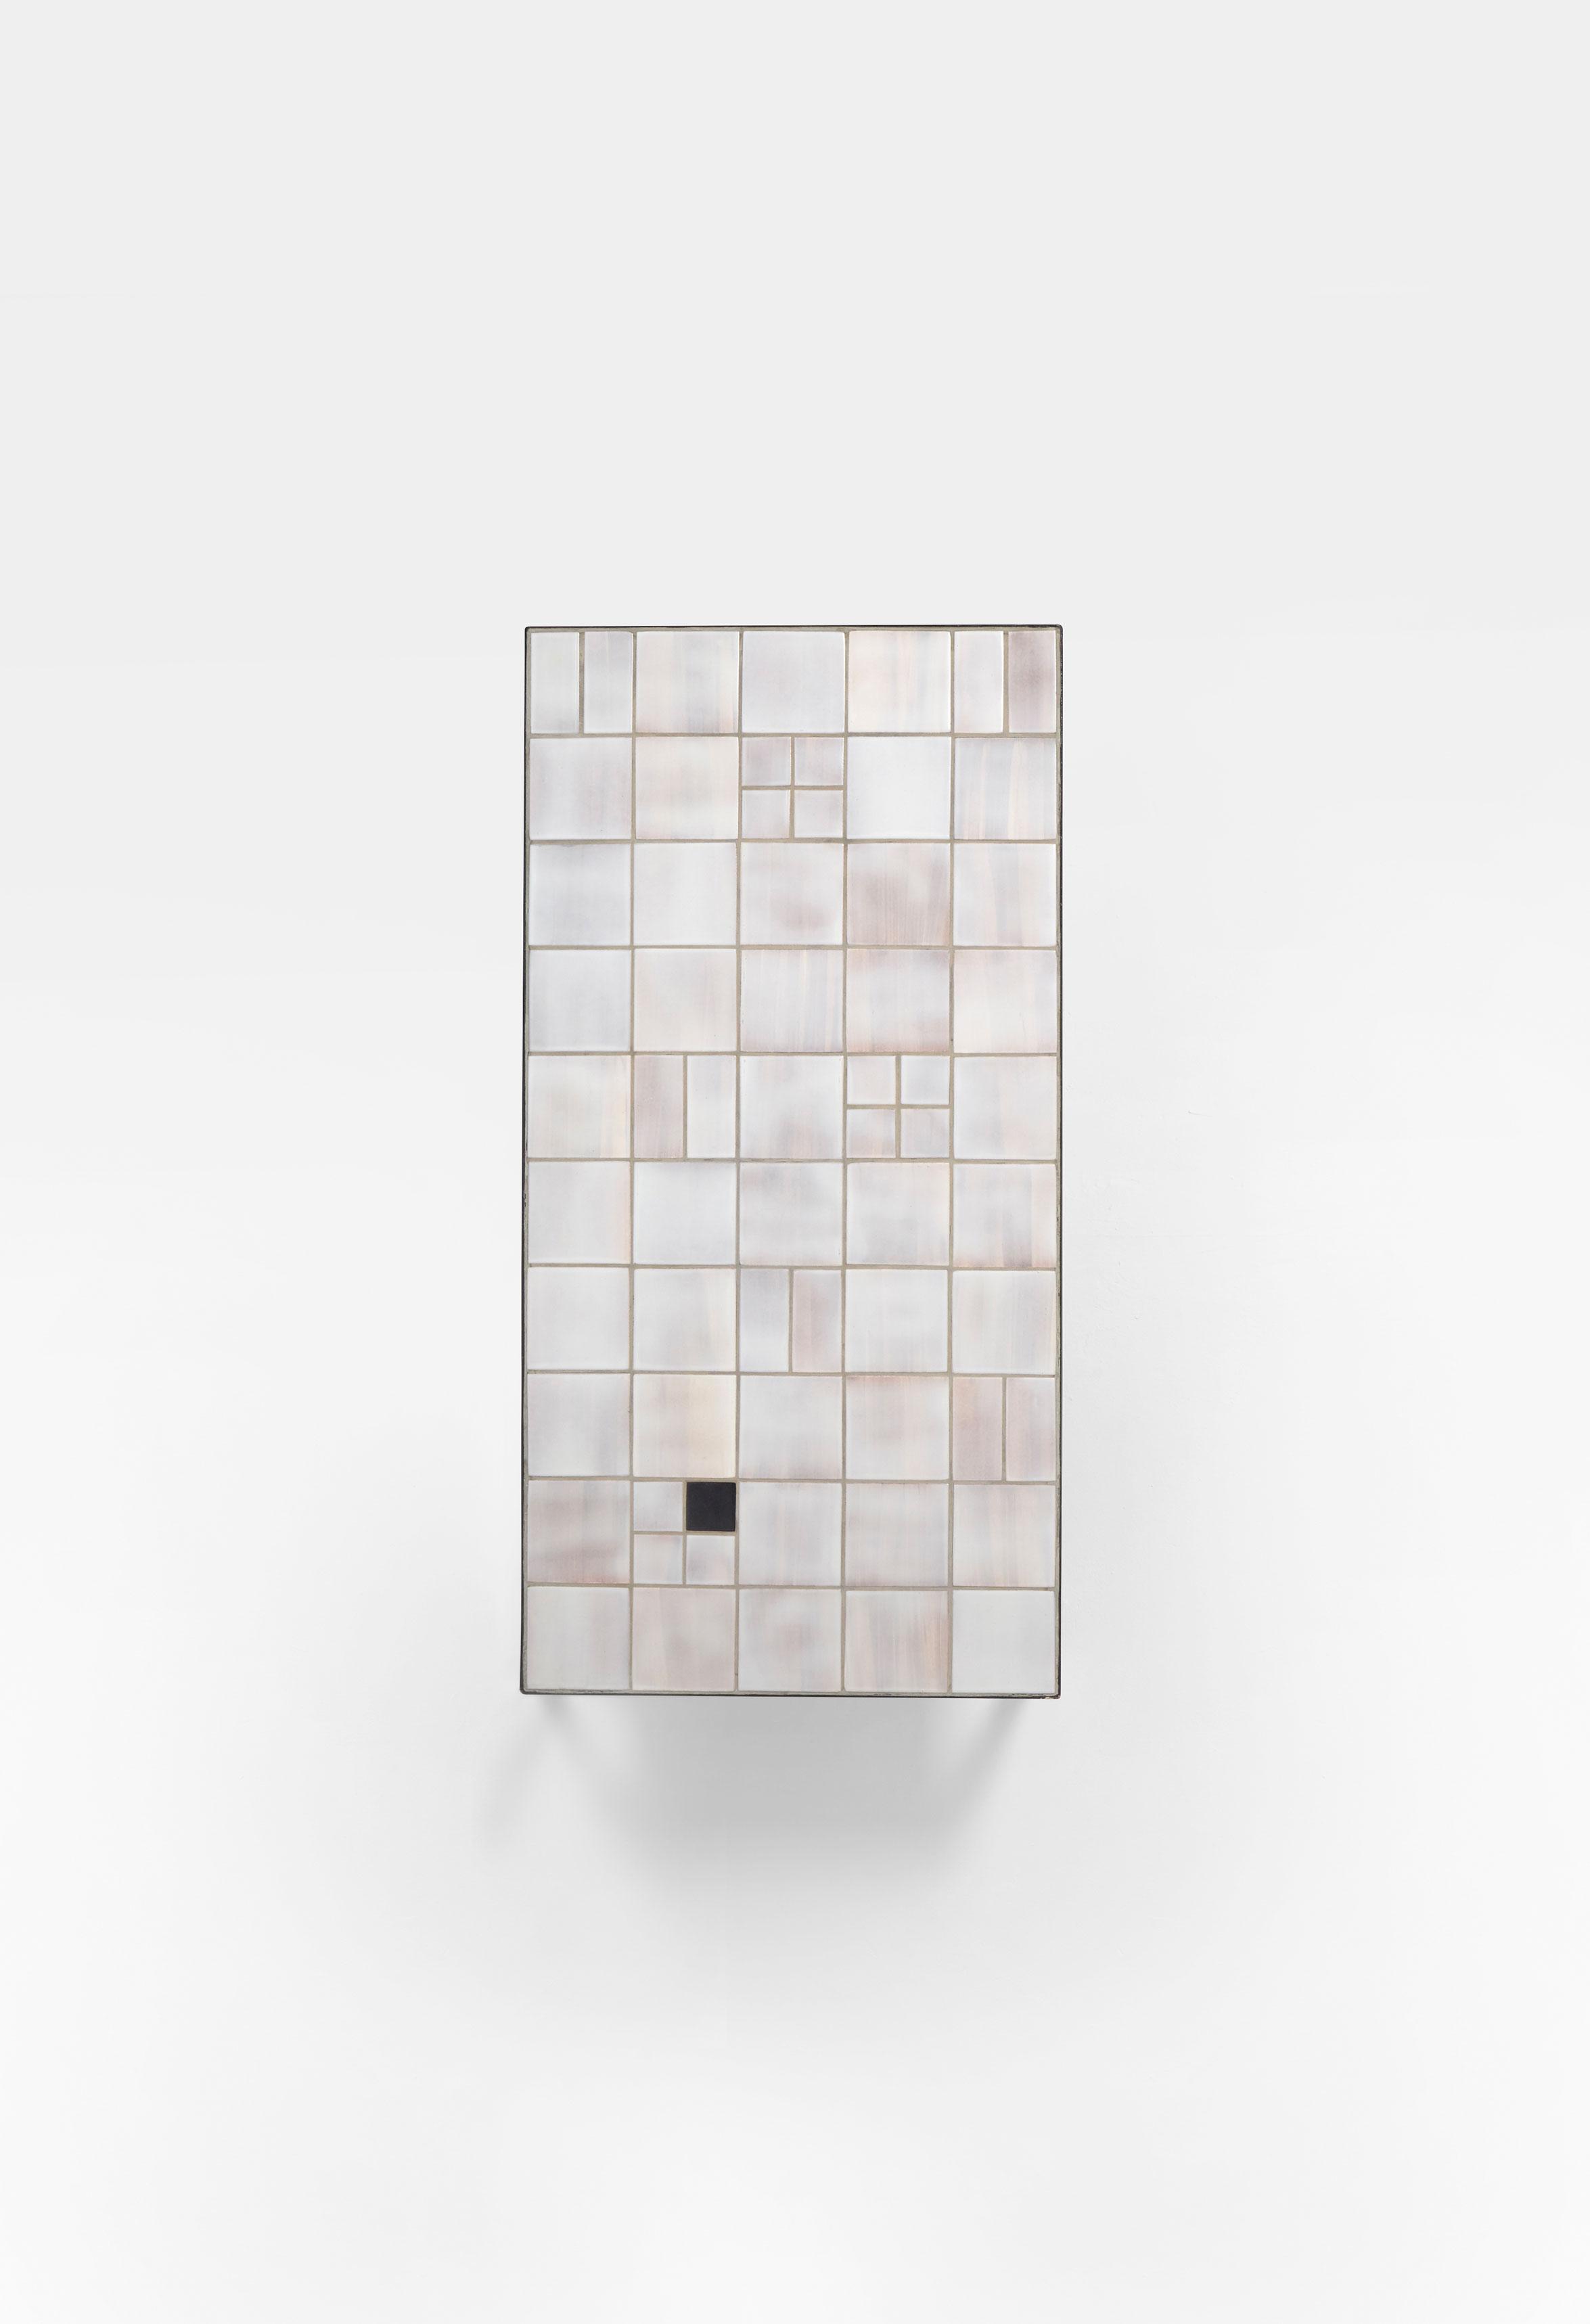 Georges Jouve, Table basse en céramique, vue 02